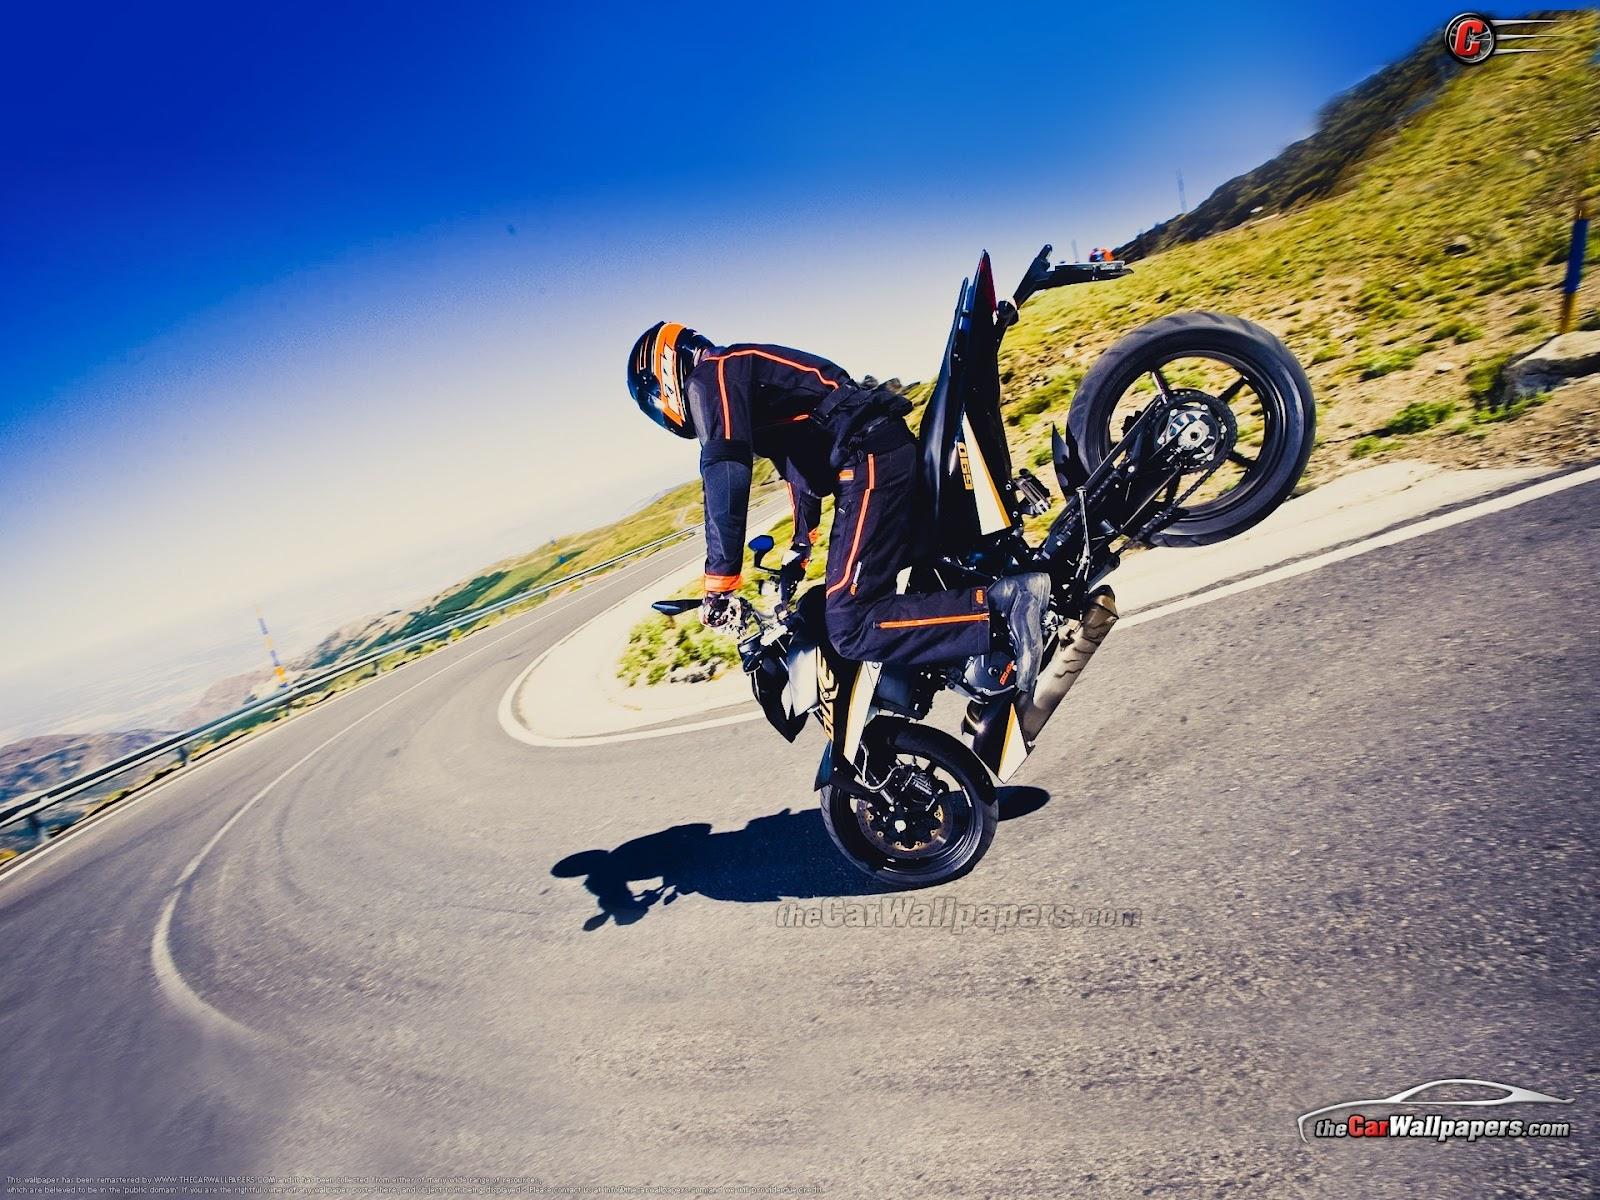 Remarkable Duke Bike Stunt Wallpaper Hd